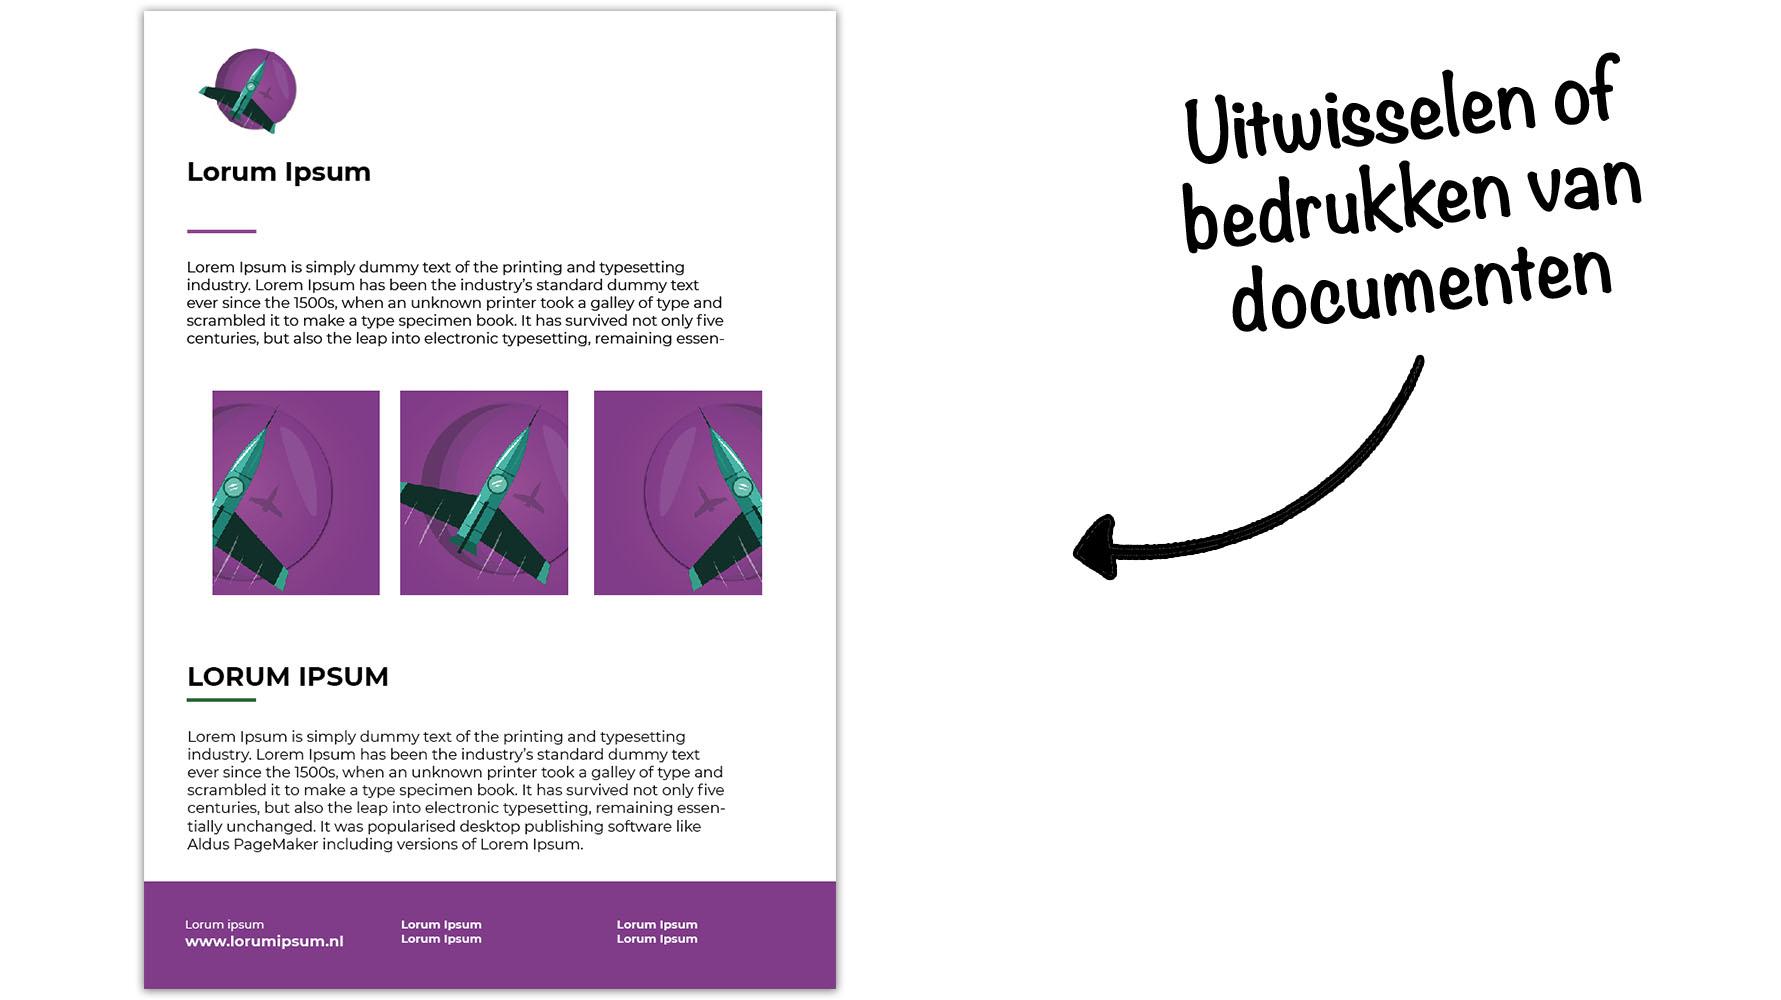 Hoe gebruik je een pdf bestand